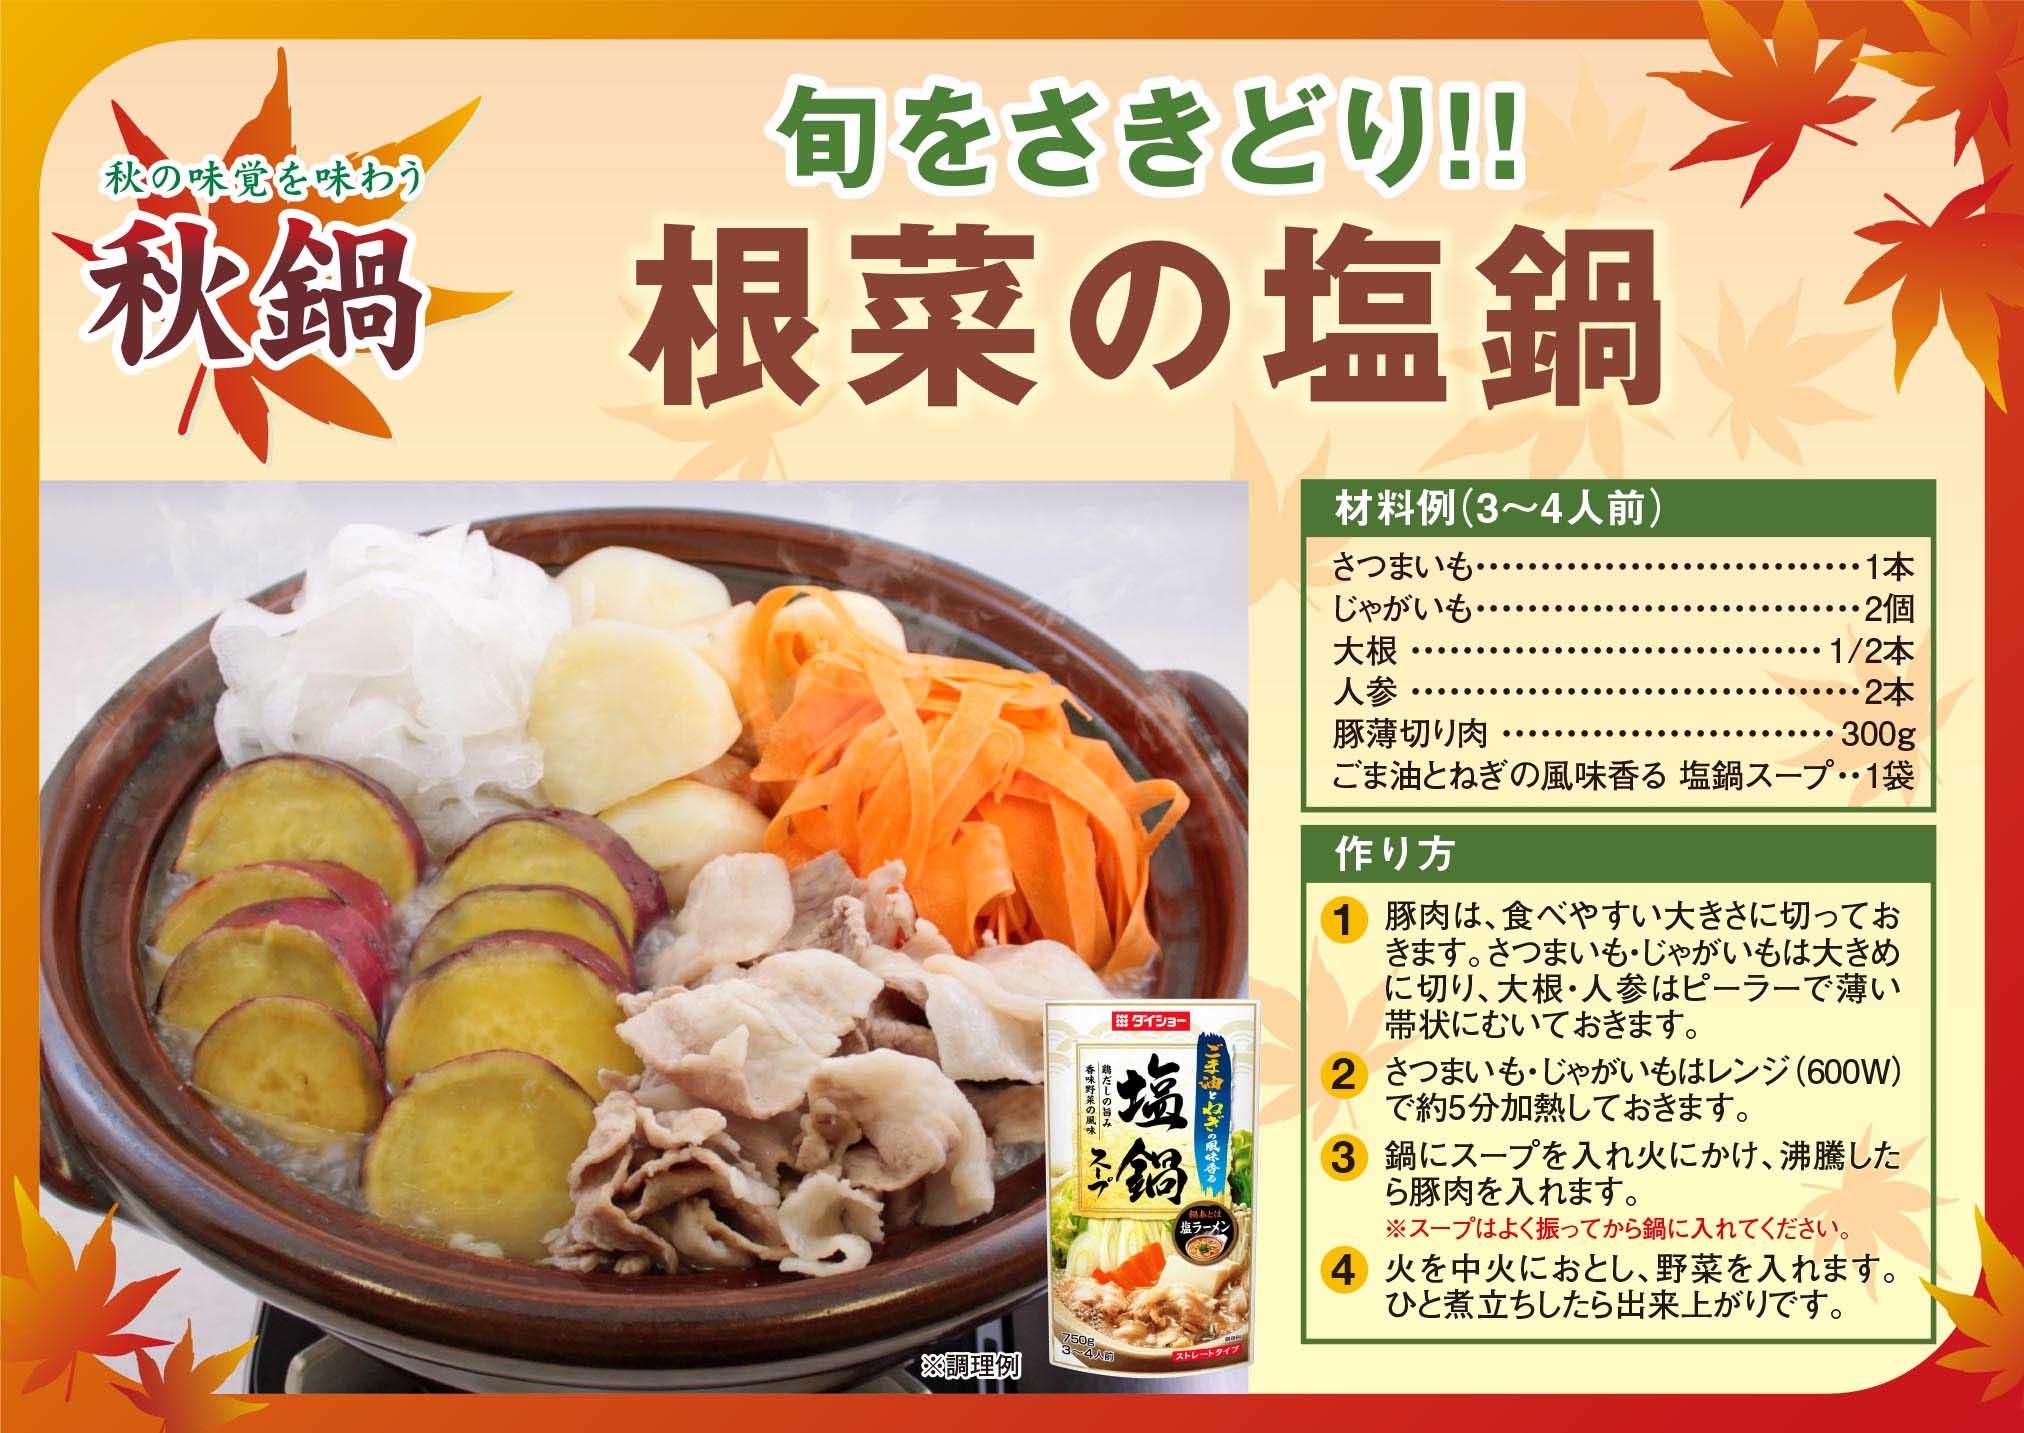 ごま油とねぎの風味香る 塩鍋スープレシピ(秋)